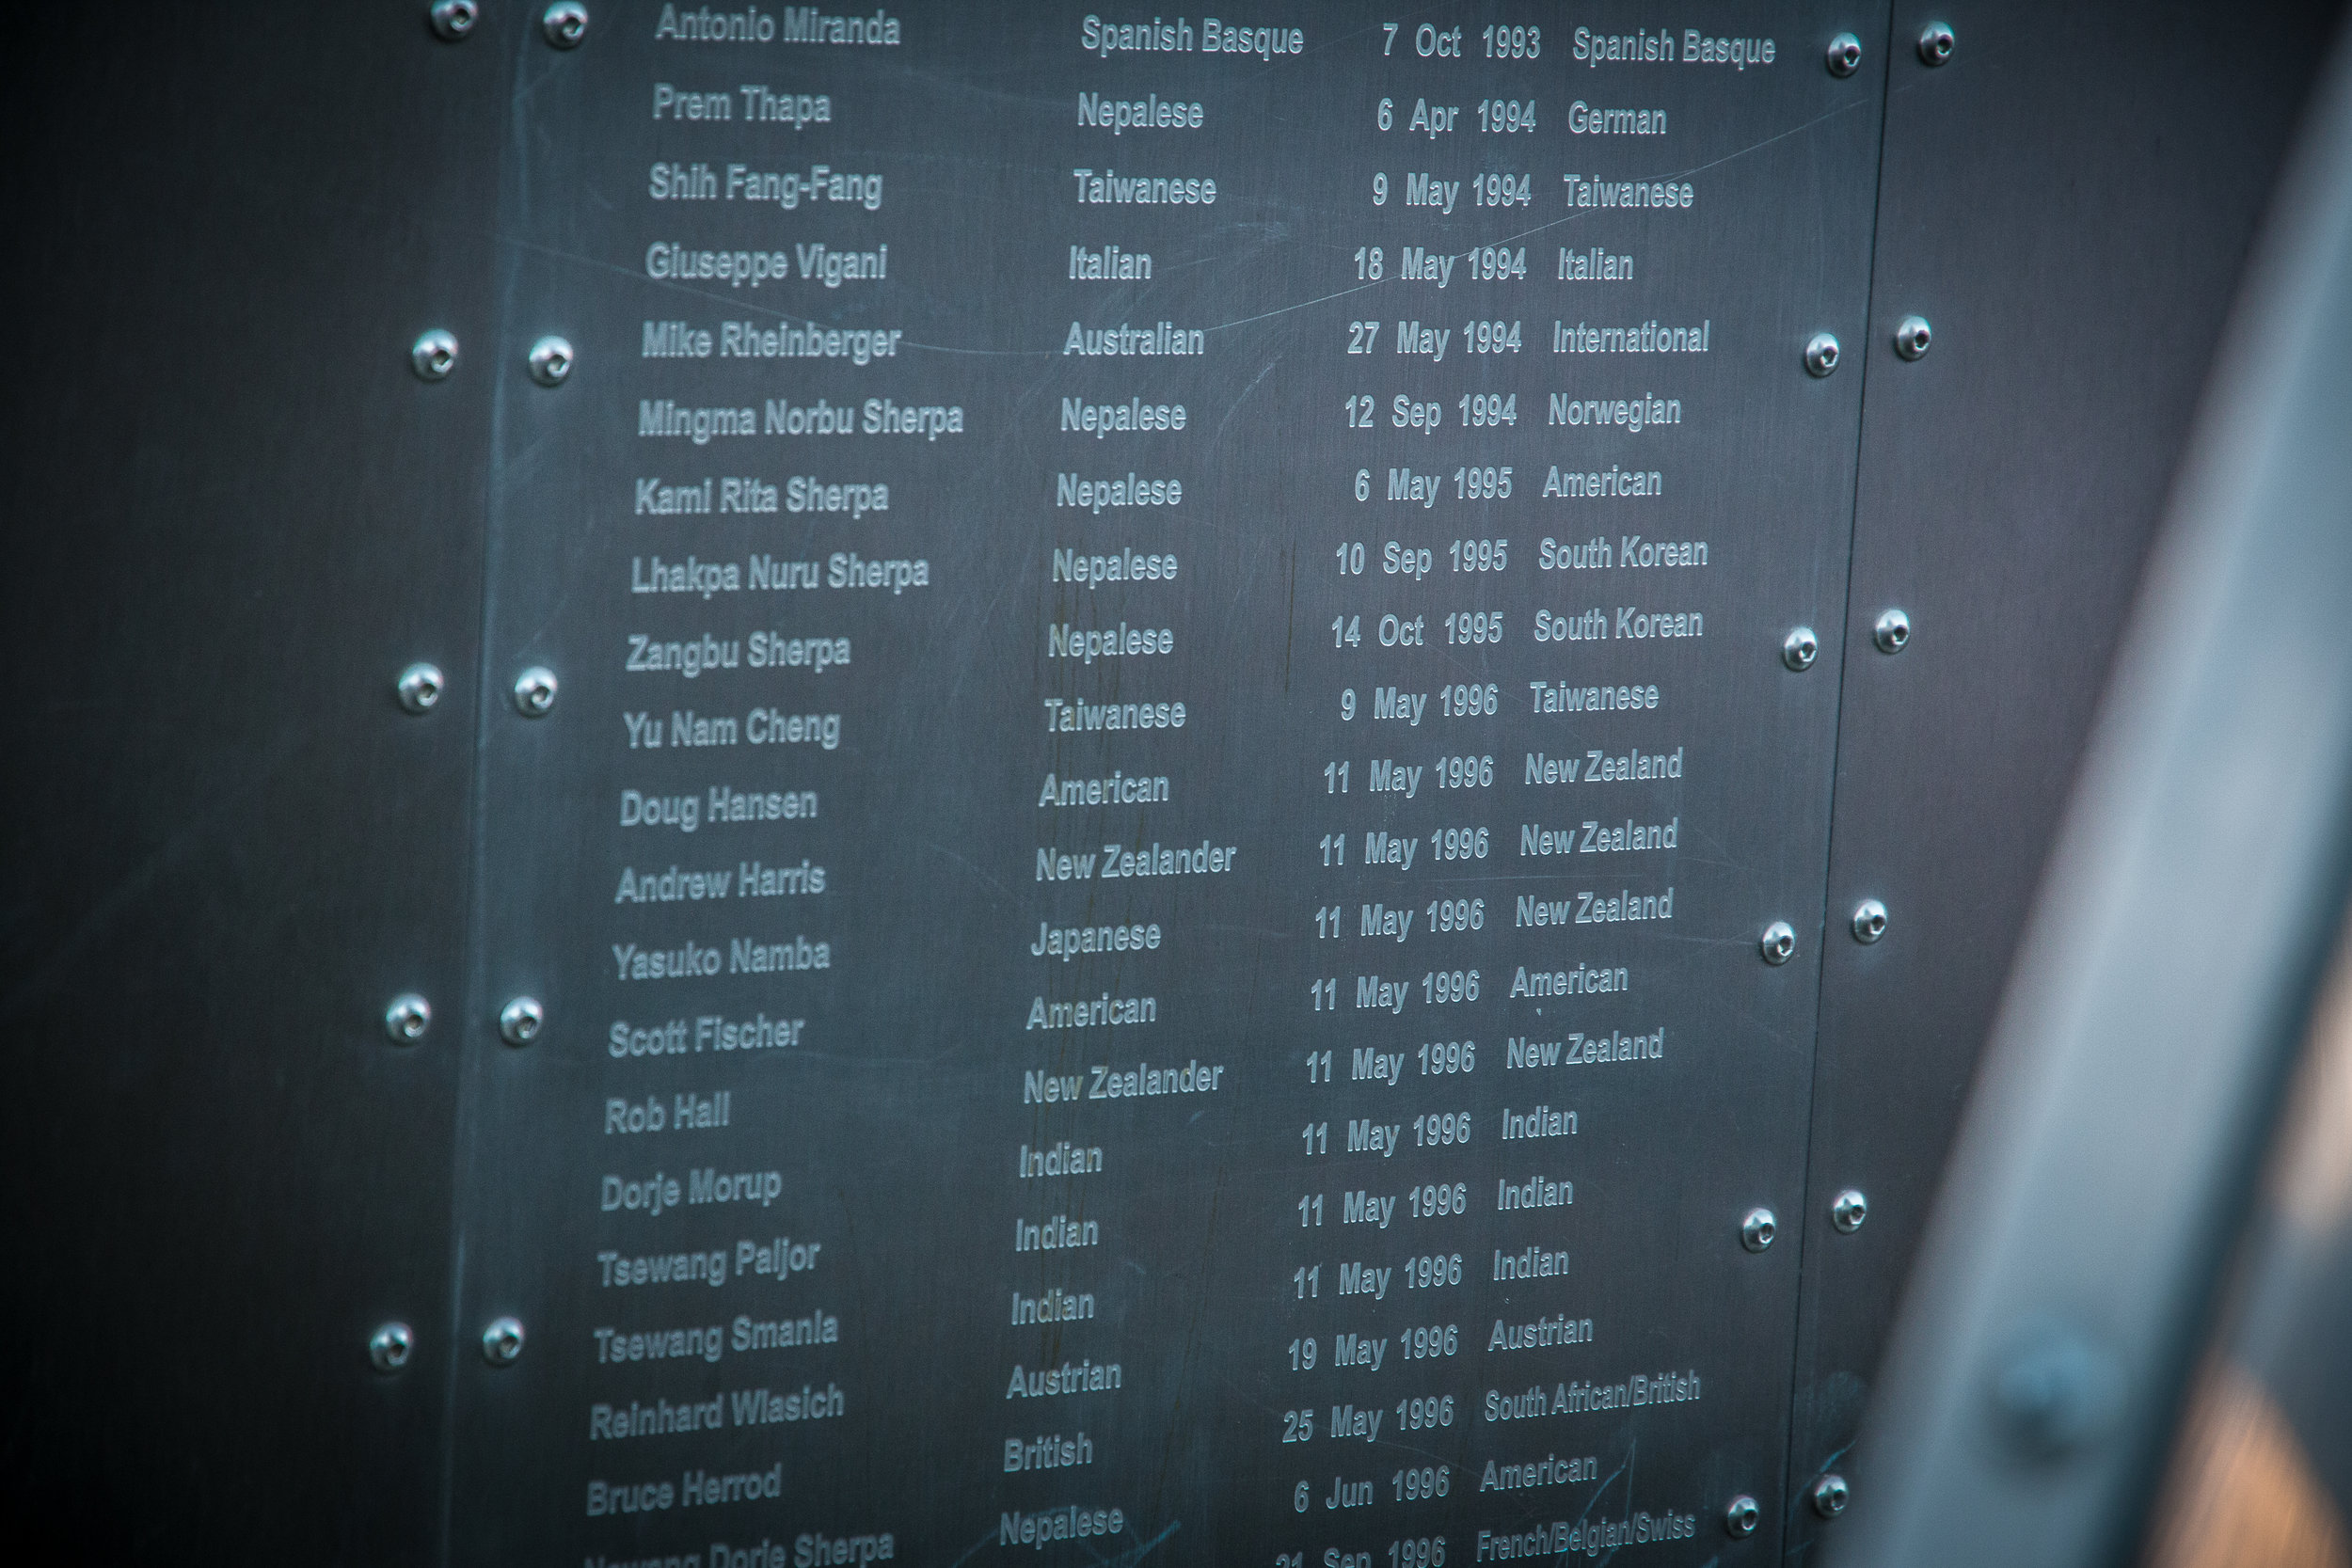 Vuoritautiklinikan kupeessa oli Everest Memorial, joka listasi kaikki vuorilla menehtyneet.